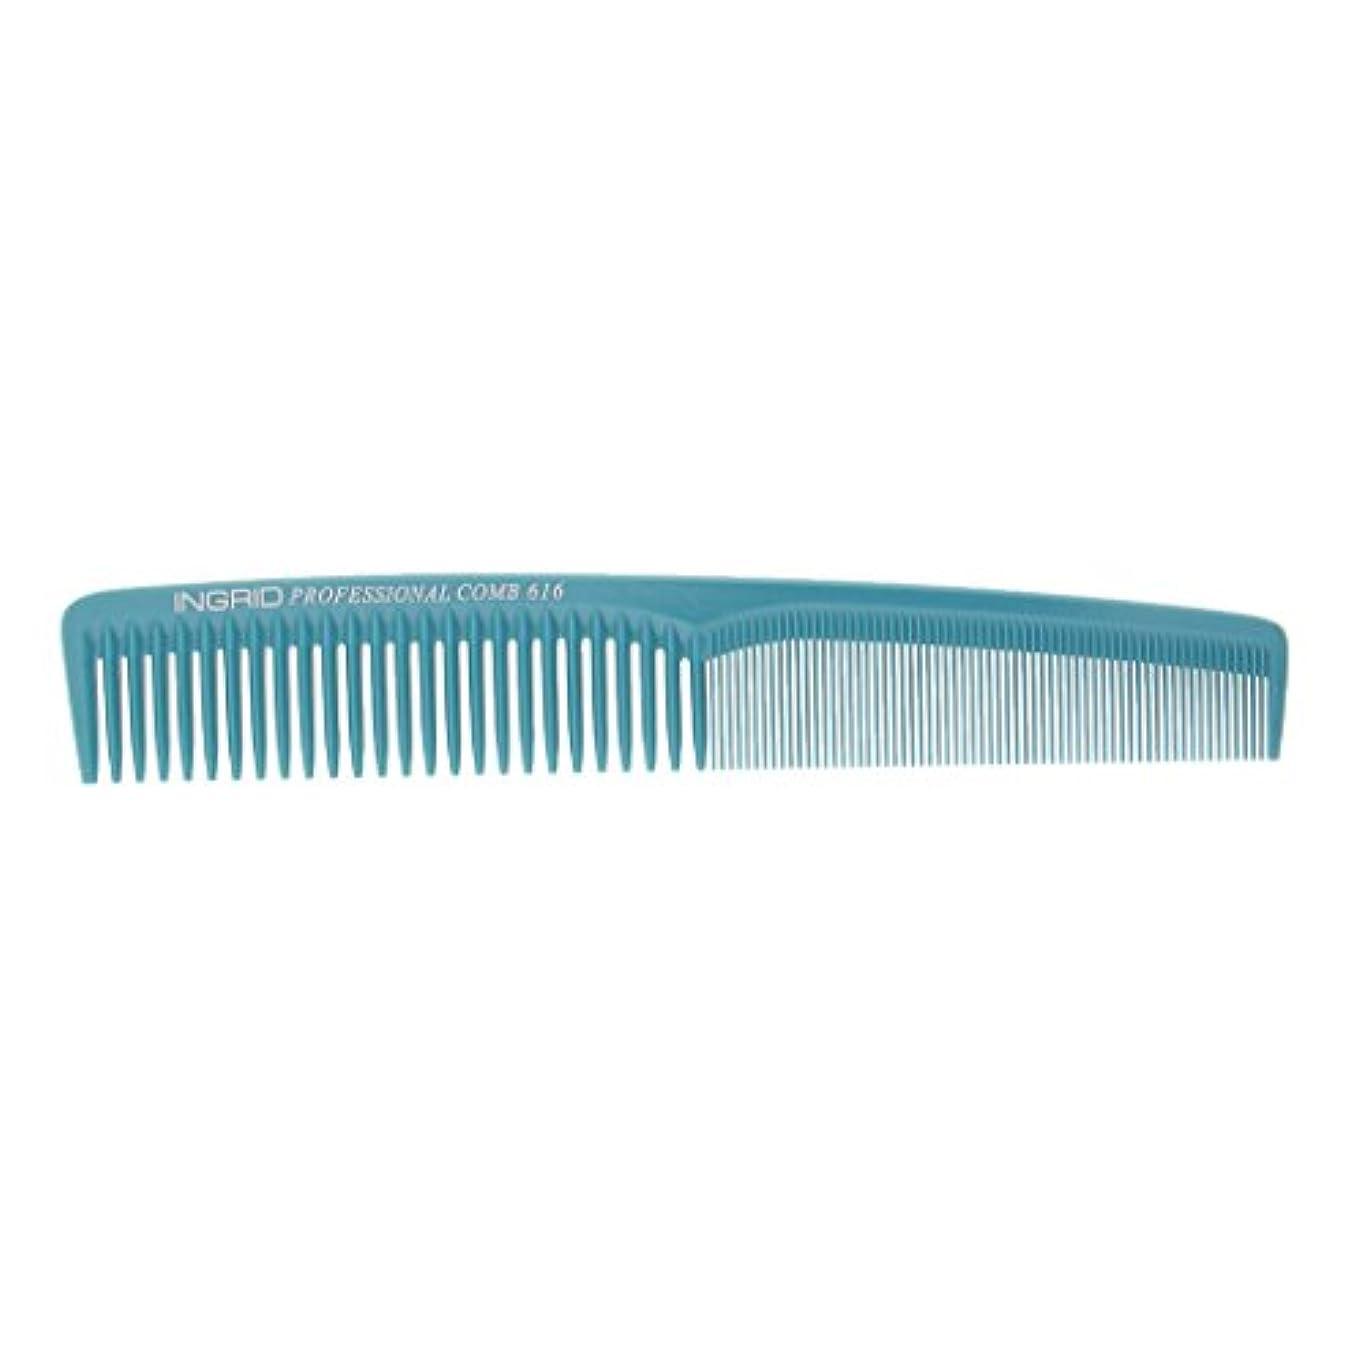 コークス逆説パーティーFutuHome ファッショナブルなヘアカット理髪師美容院プラスチック製の櫛 - ライトブルー